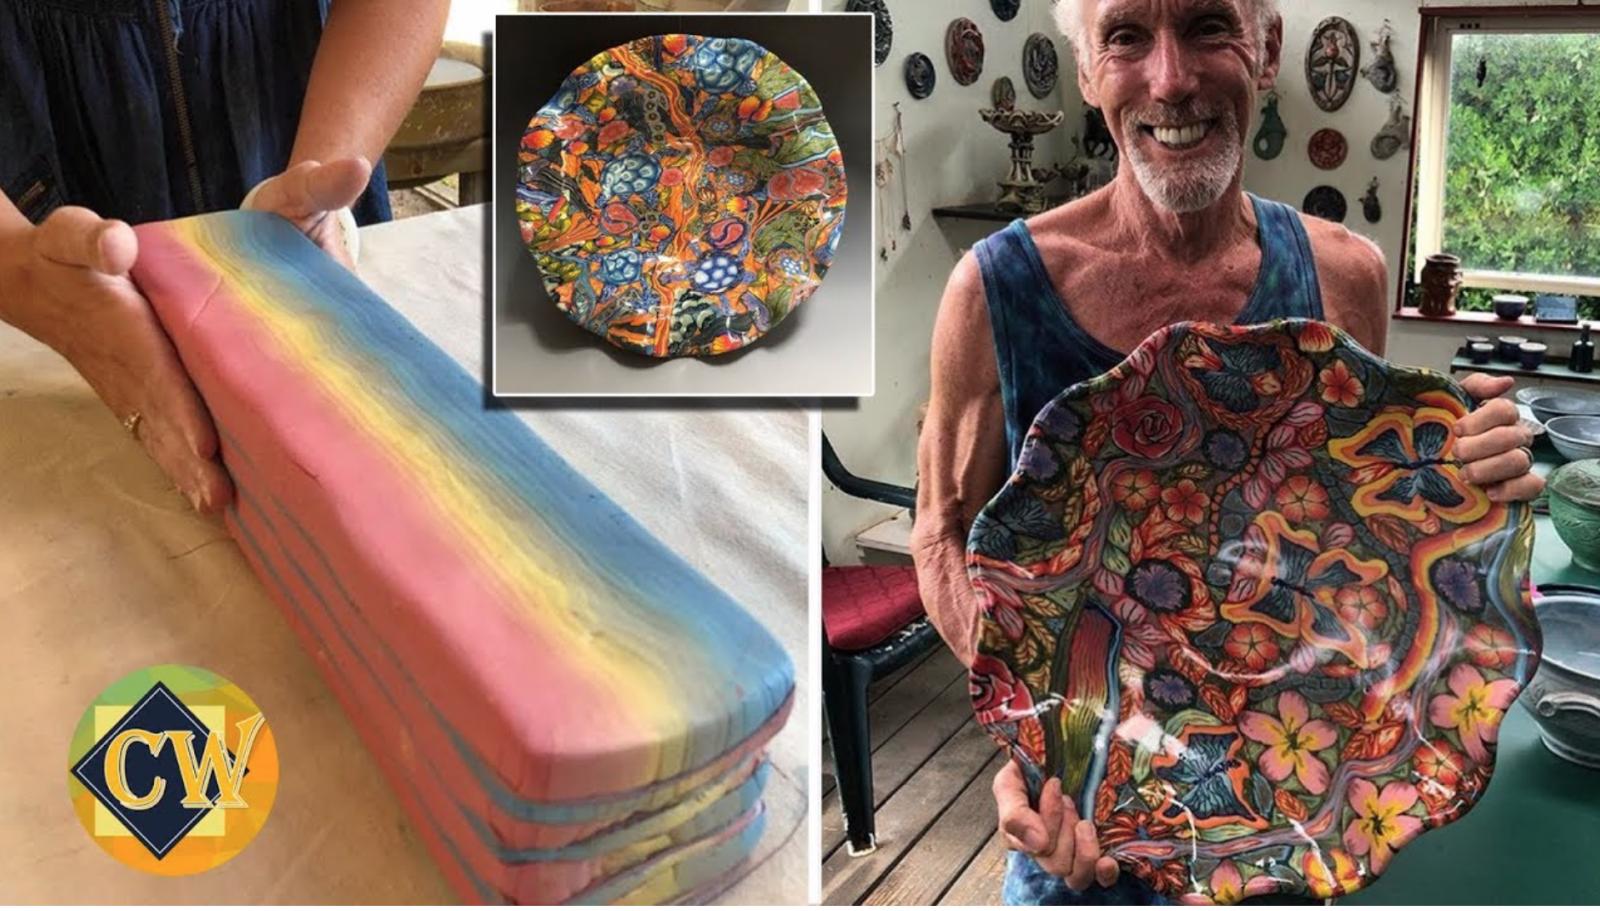 Sáng tạo nghệ thuật gốm đương đại tại Hawaii